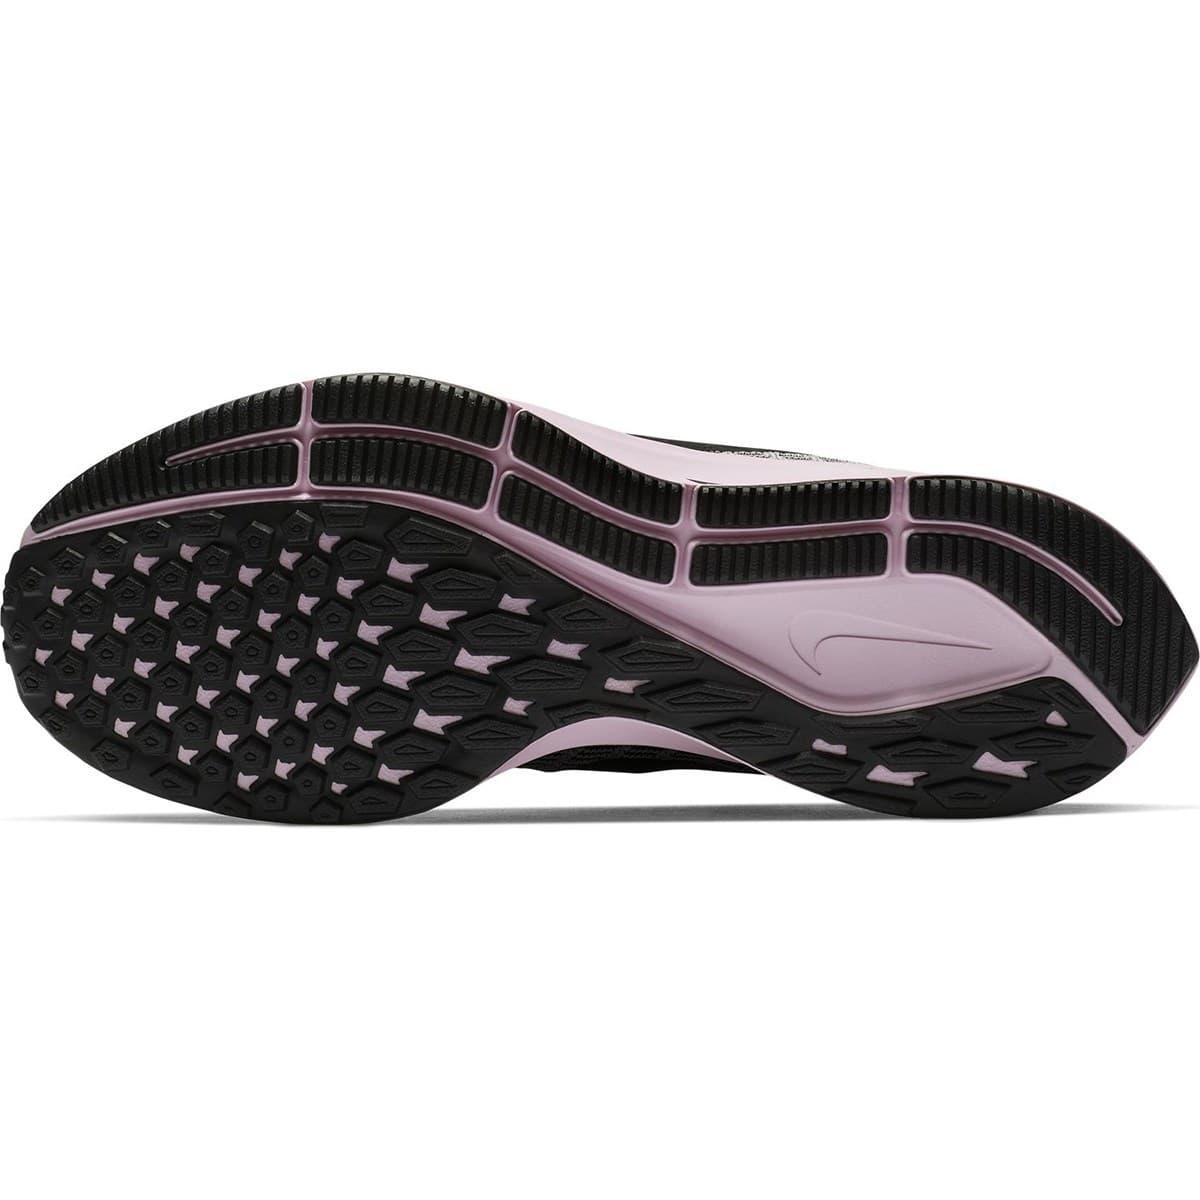 Air Zoom Pegasus 35 Kadın Gri Koşu Ayakkabısı (942855-011)